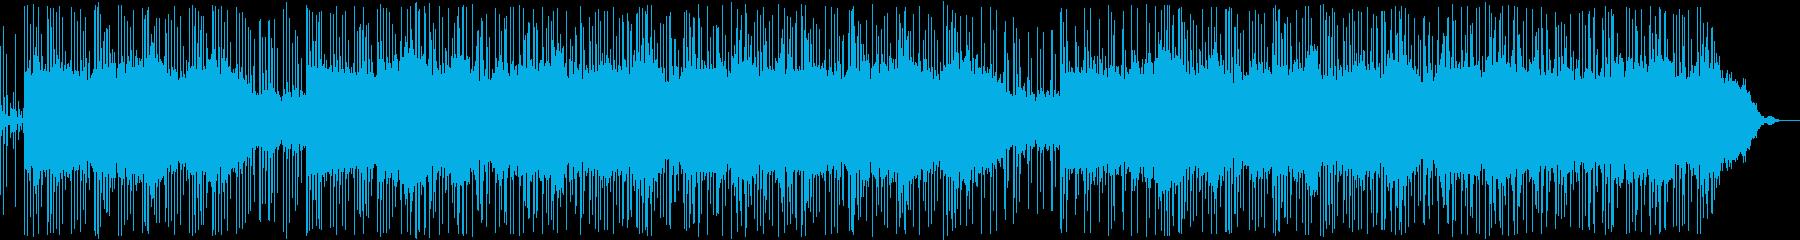 遠き道のりを歩く曲の再生済みの波形